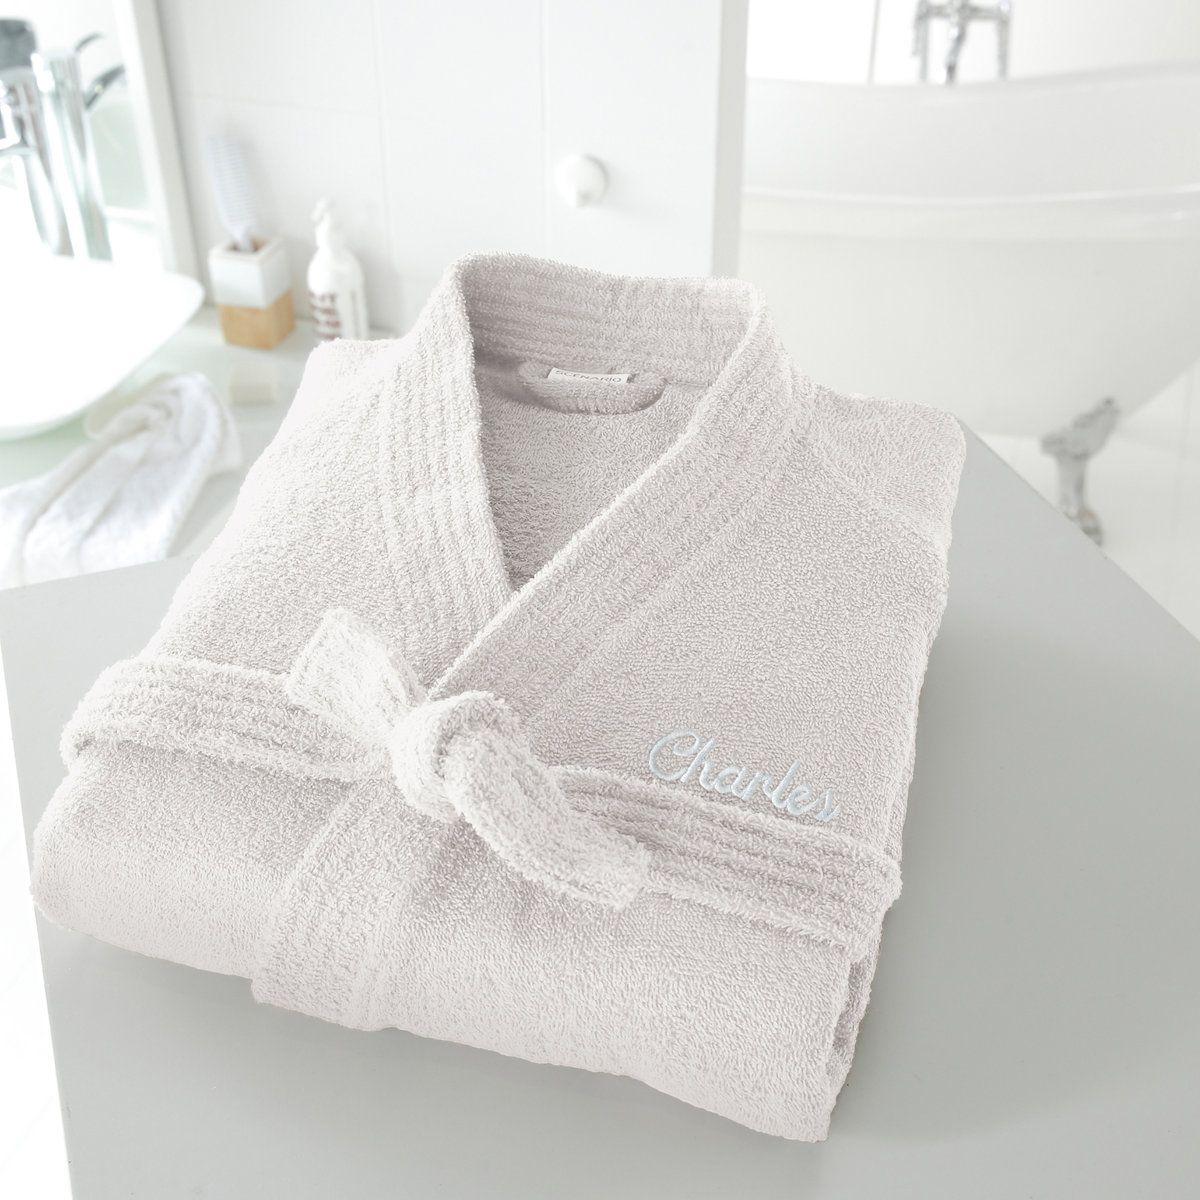 Peignoir kimono personnalisé SCENARIO